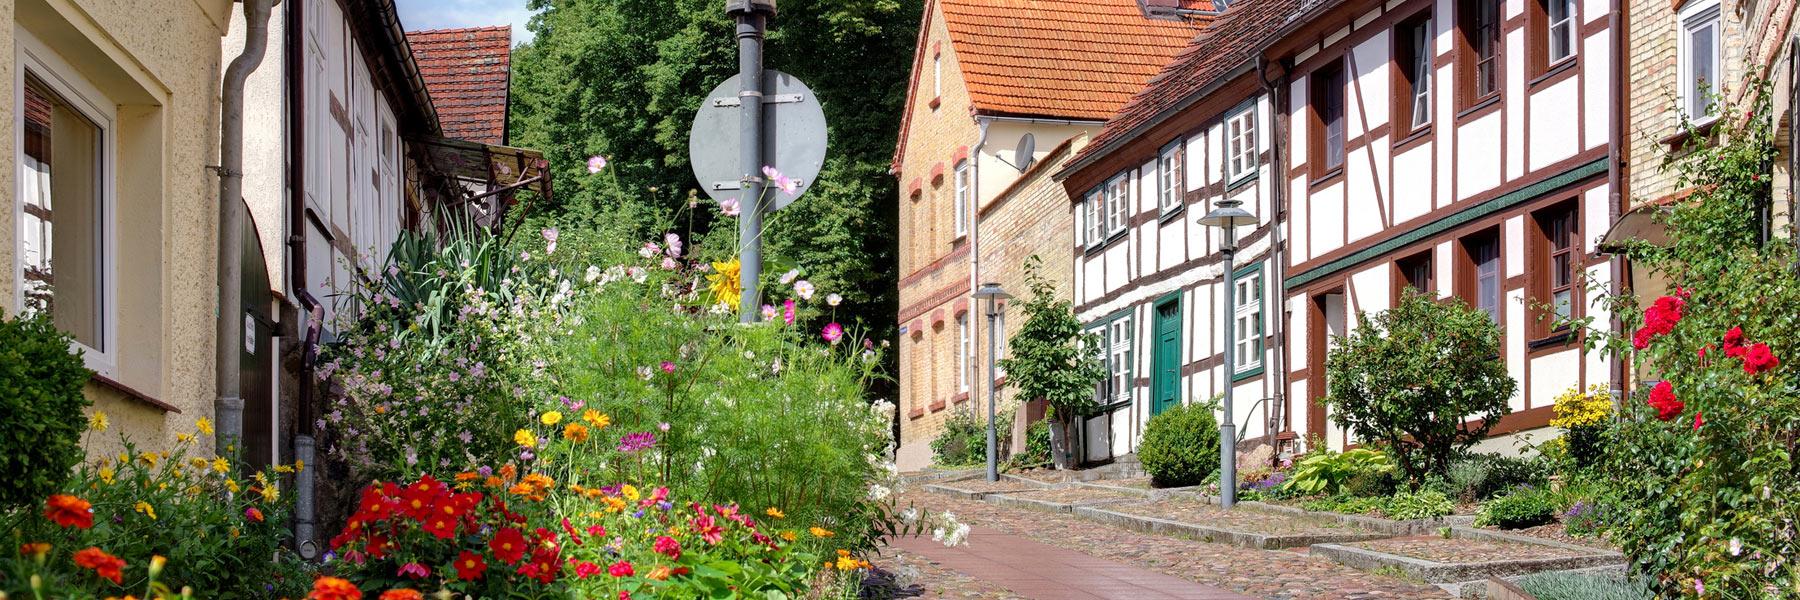 Altstadt - Sternberg